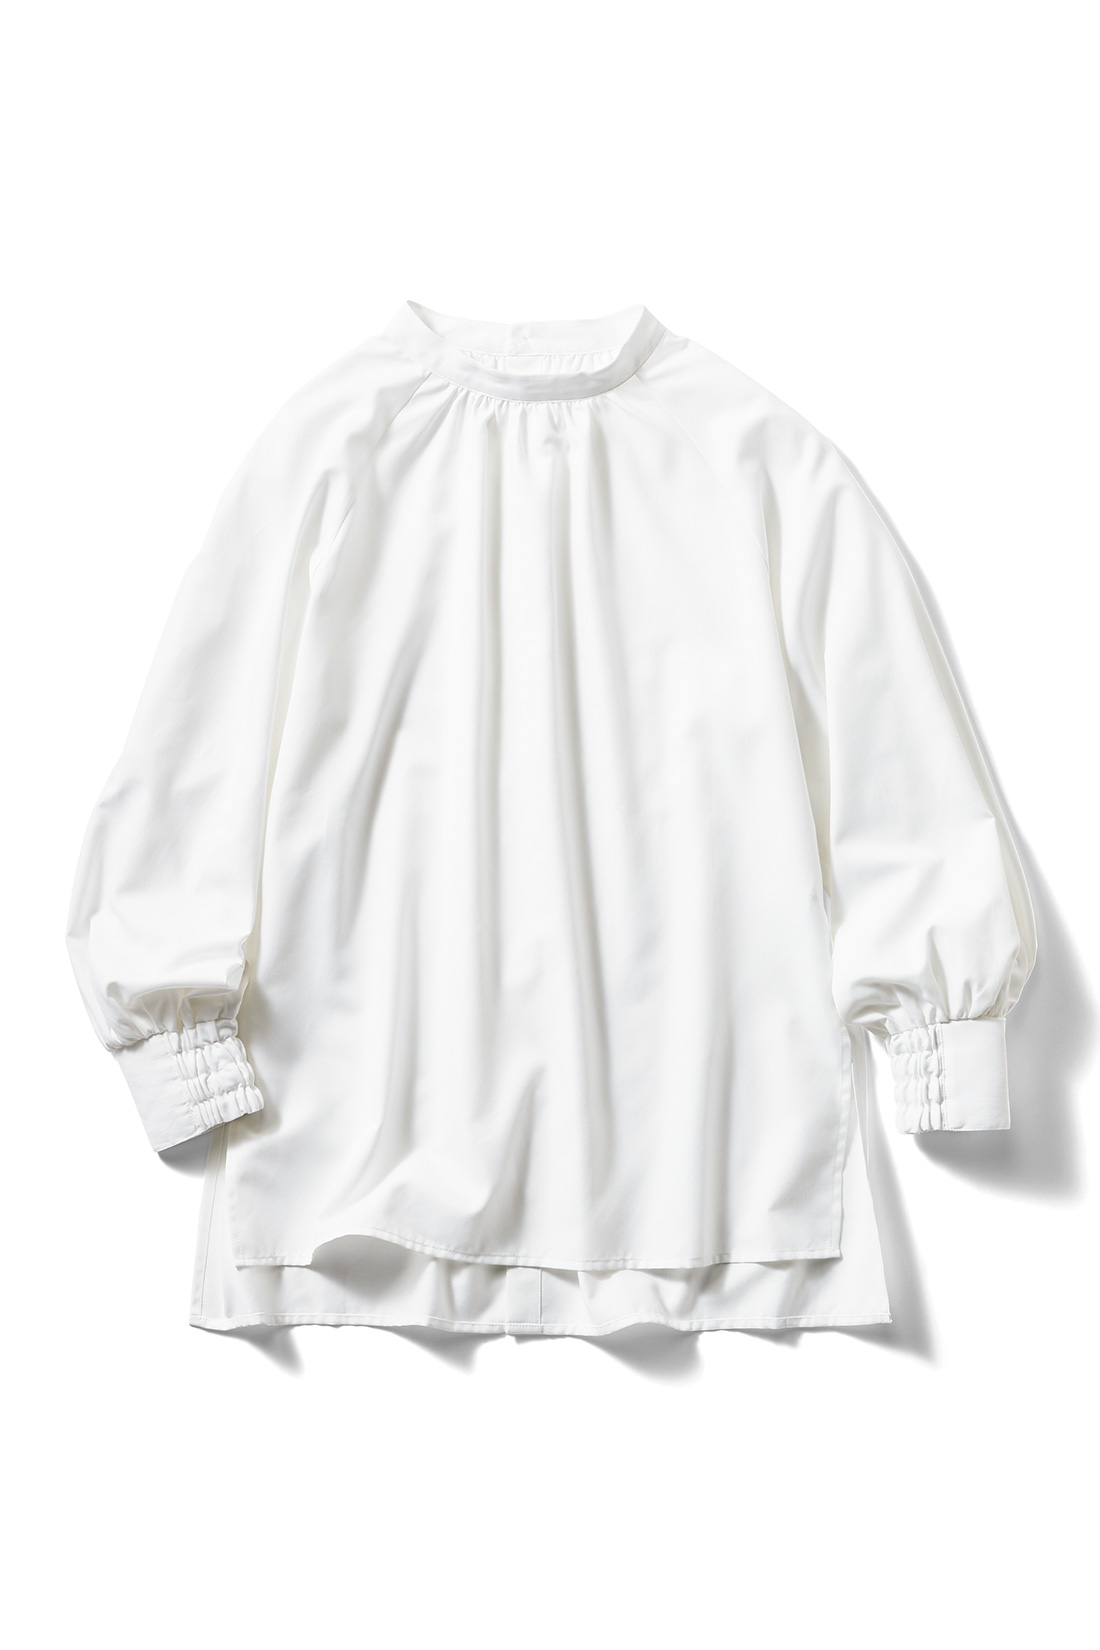 フェリシモ IEDIT[イディット] UVカット&防汚加工 クレバー素材のしなやかドレスシャツ〈ギャザー〉【送料無料】